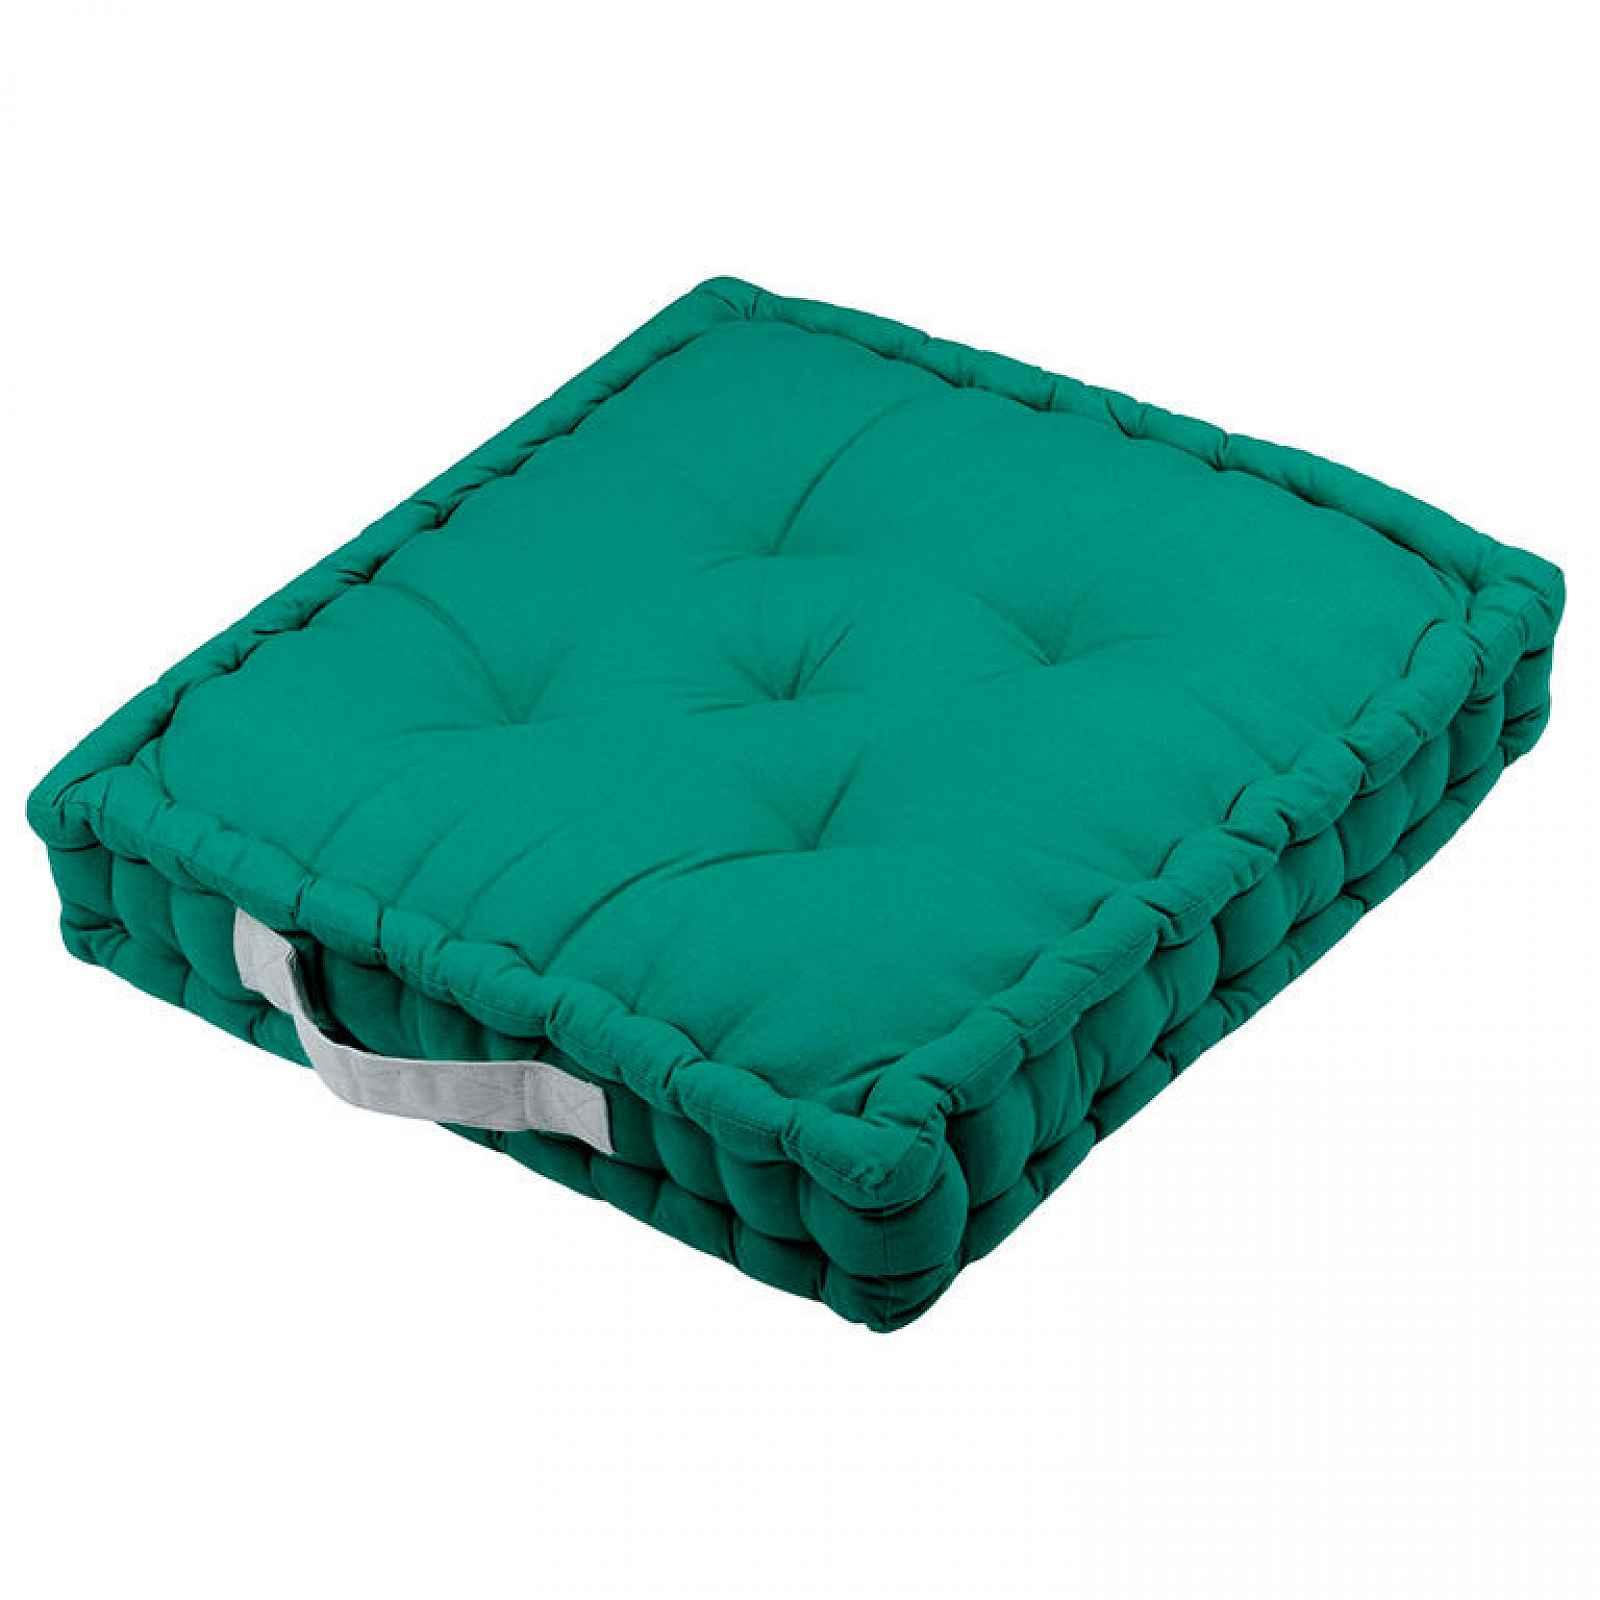 Sedací polštář na zem DUO UNI zelená sada 4 ks